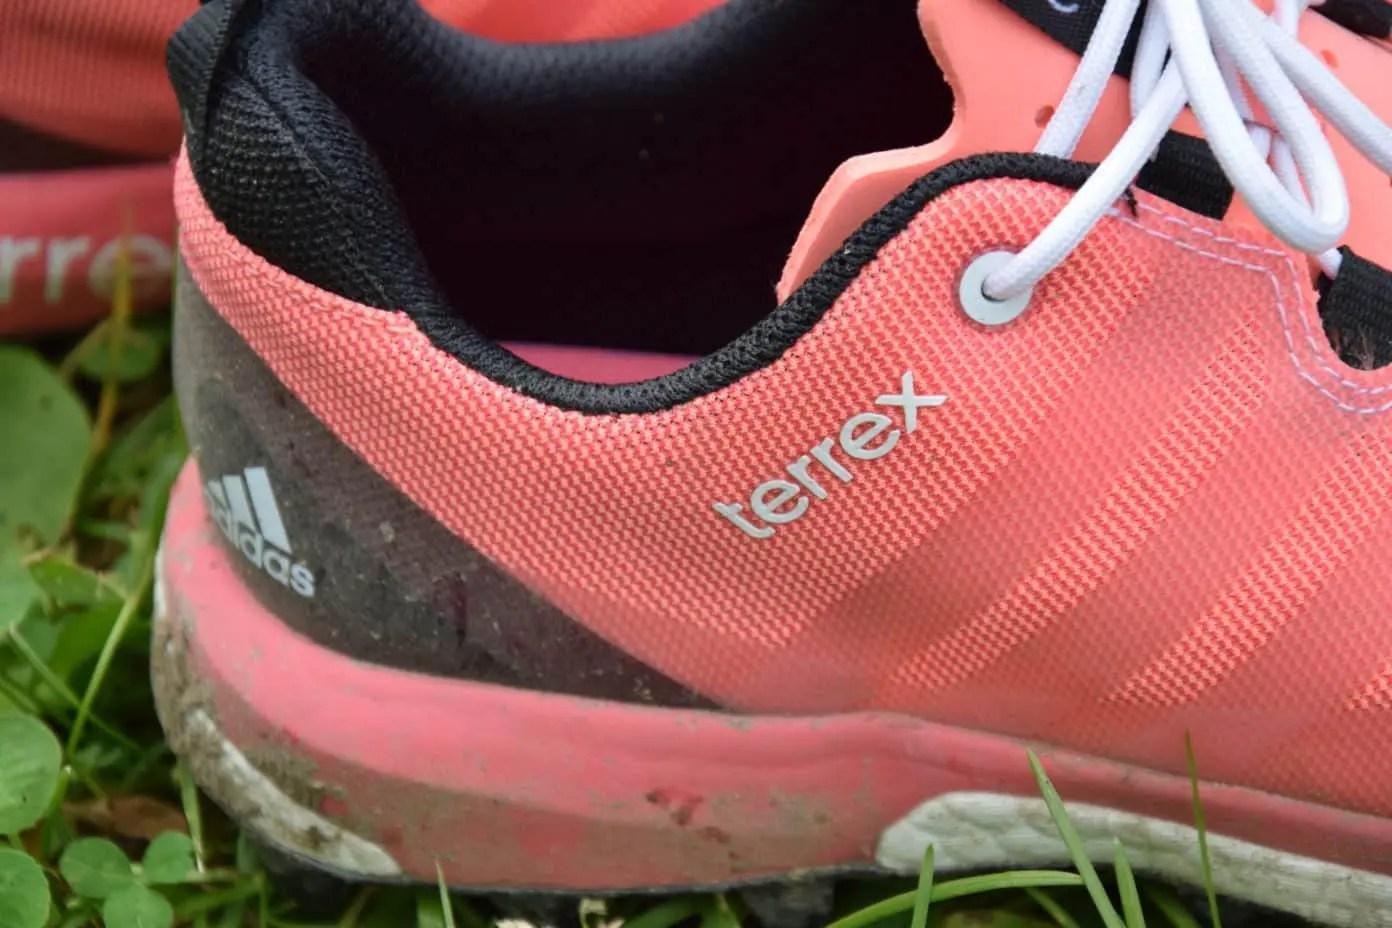 Ich Agravic Test Adidas Terrex Schuh Liebe Tf1cukj3l Berge SzVpUM